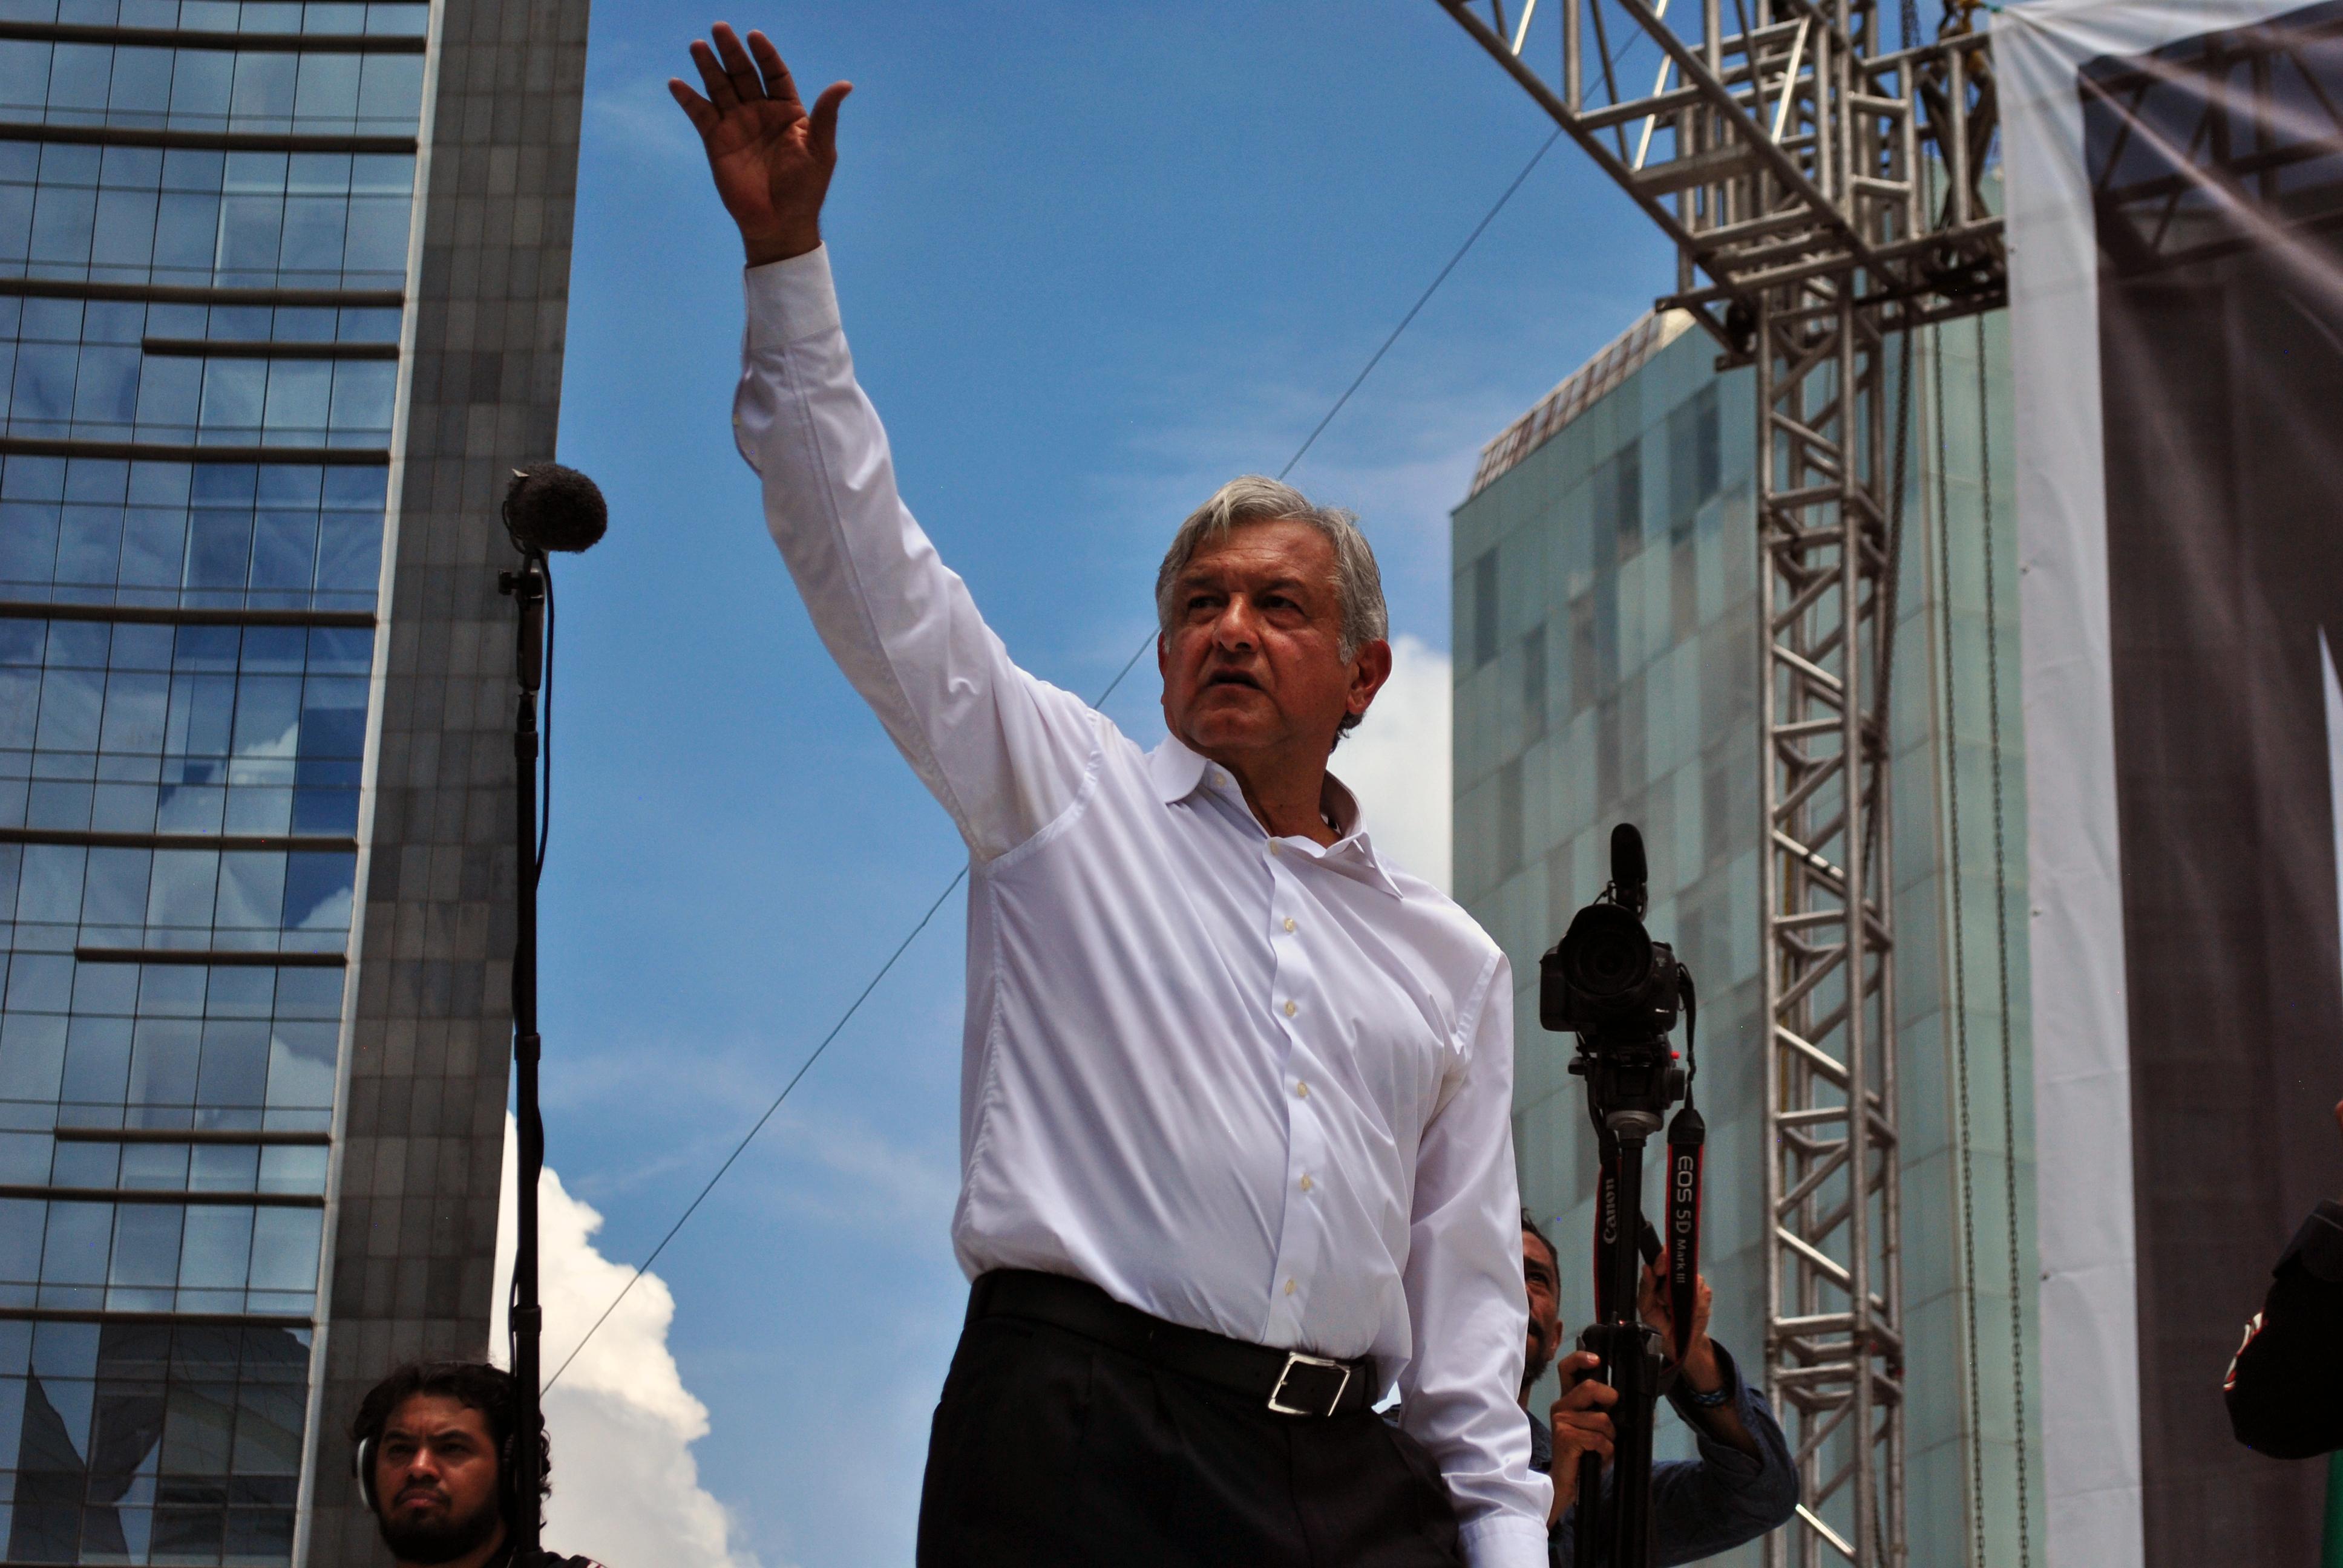 México: Avión presidencial, decisiones inminentes